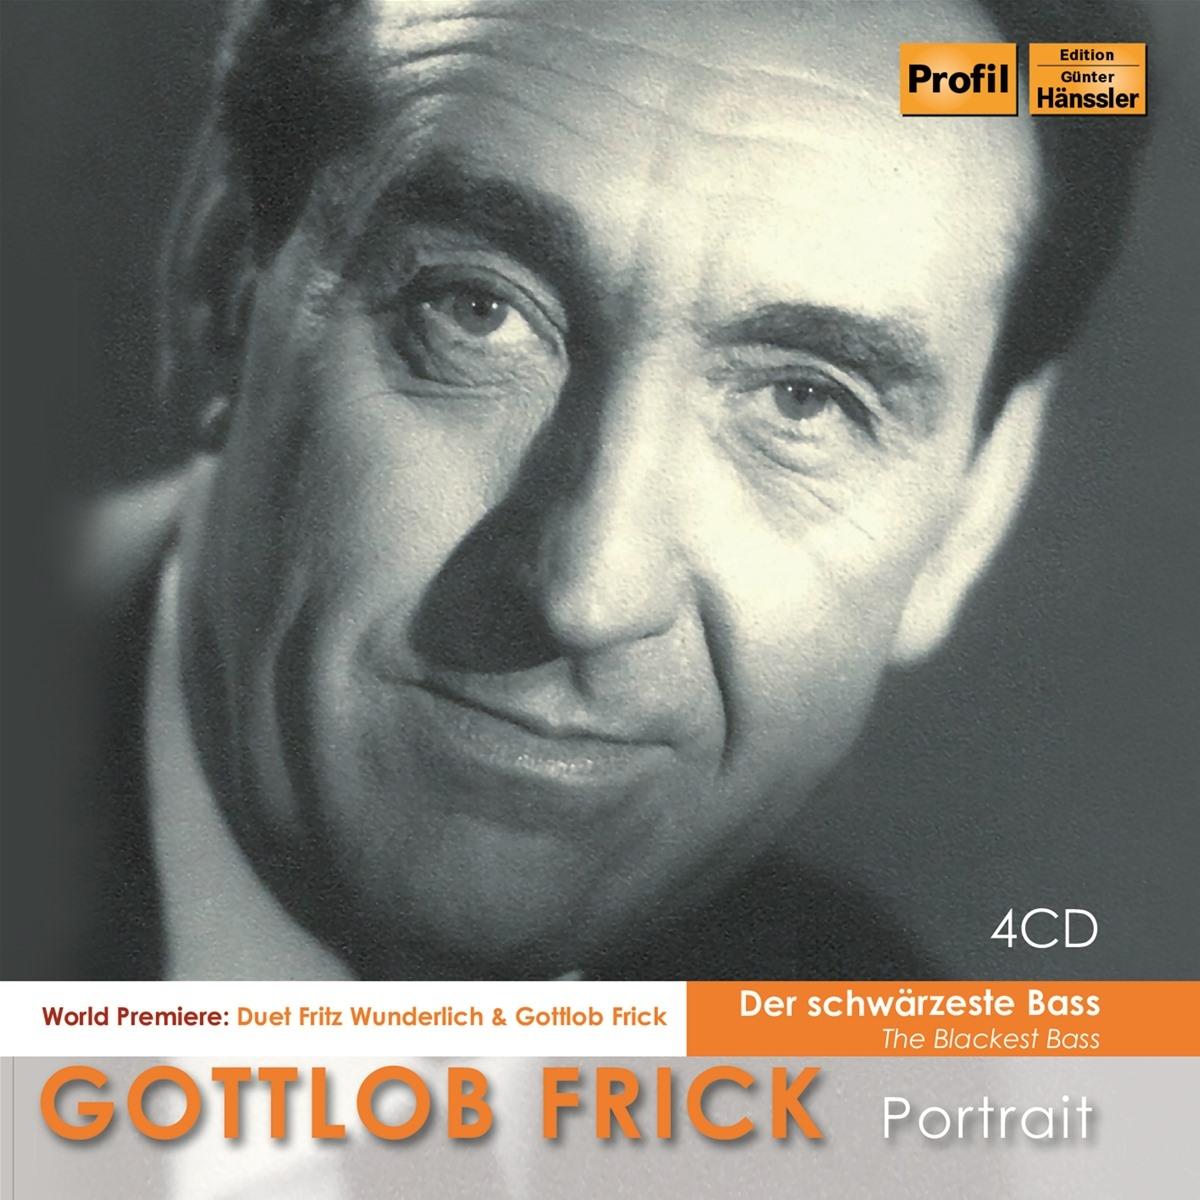 """Gottlob Frick Portrait-""""Schwärzester Bass"""""""